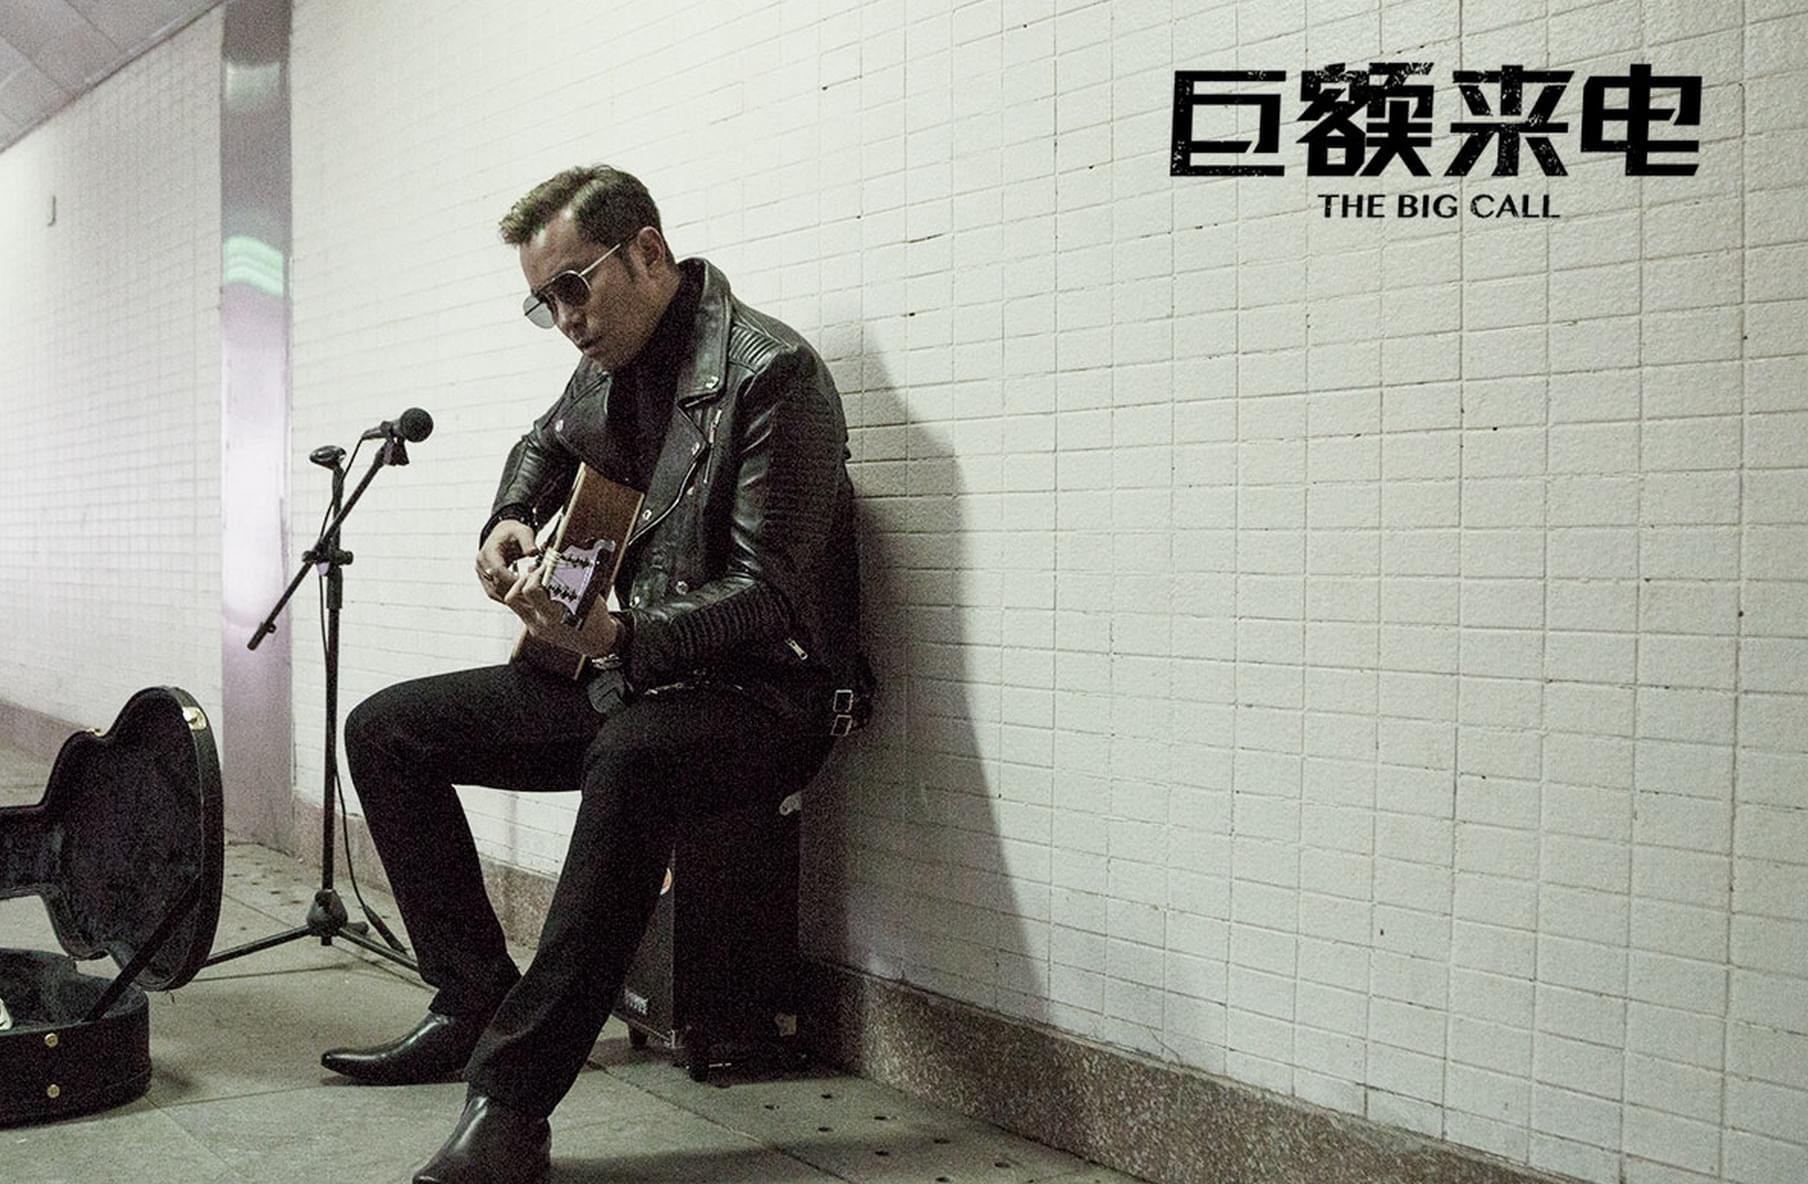 《巨额来电》曝张孝全机车剧照 12月8日上映